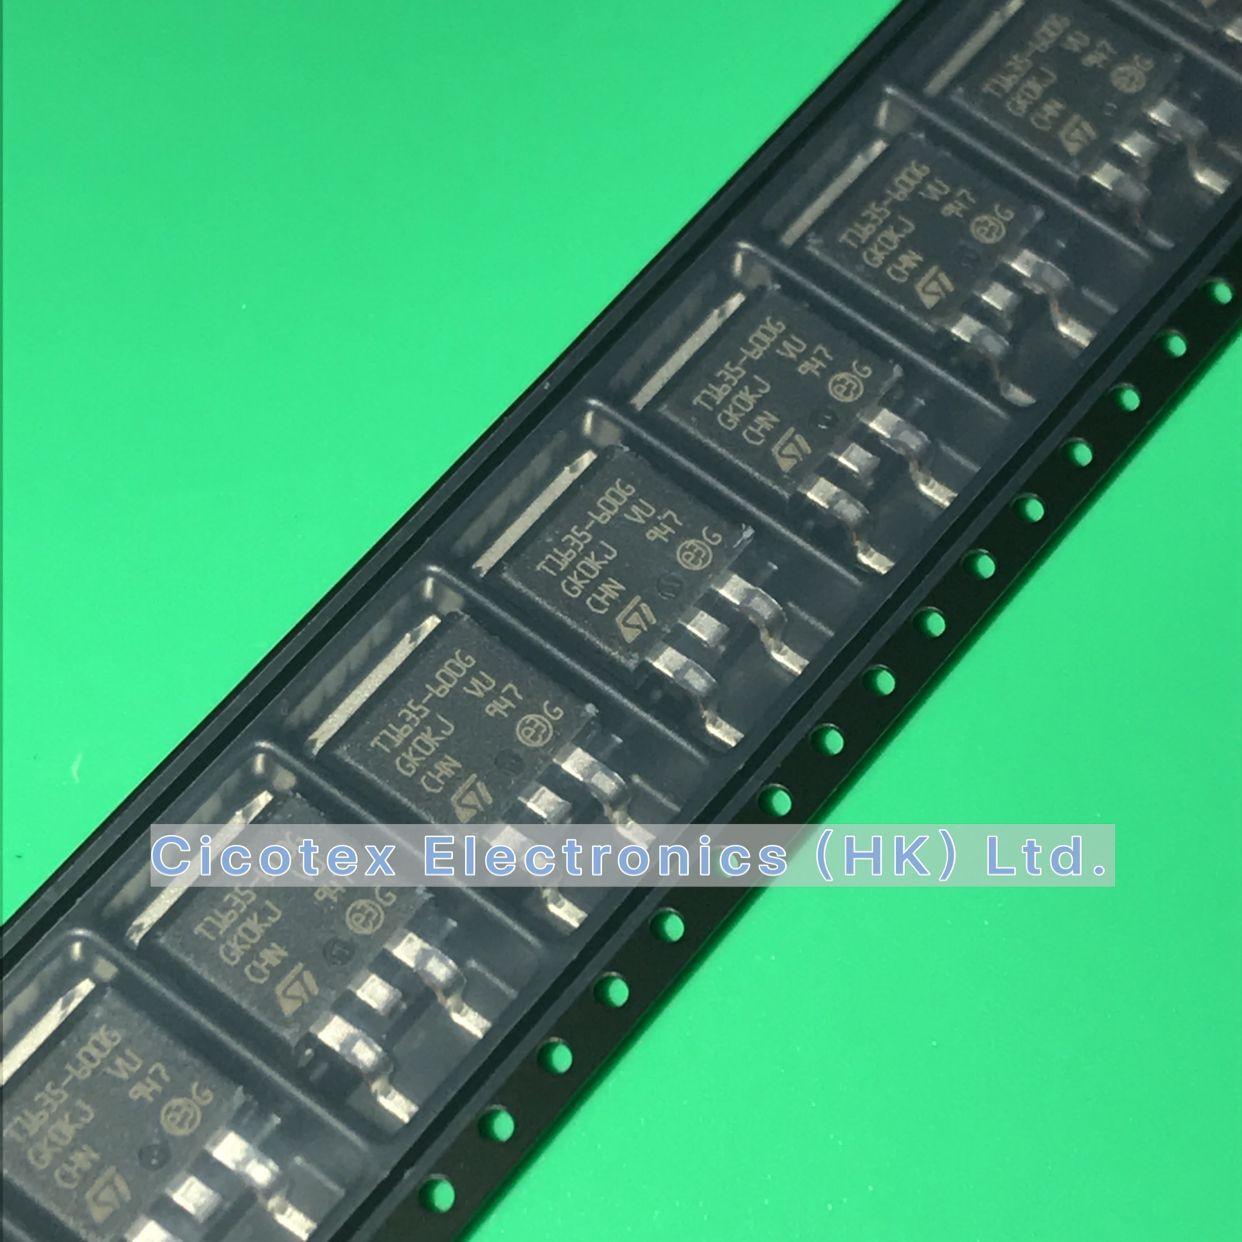 5pcs/lot T1635-600G-TR TO-252 TRIAC 16A 35MA 600V SOT252 TRIAC ALTERNISTOR 600V 16A D2PAK T1635600G T1635 600G T1635600GTR